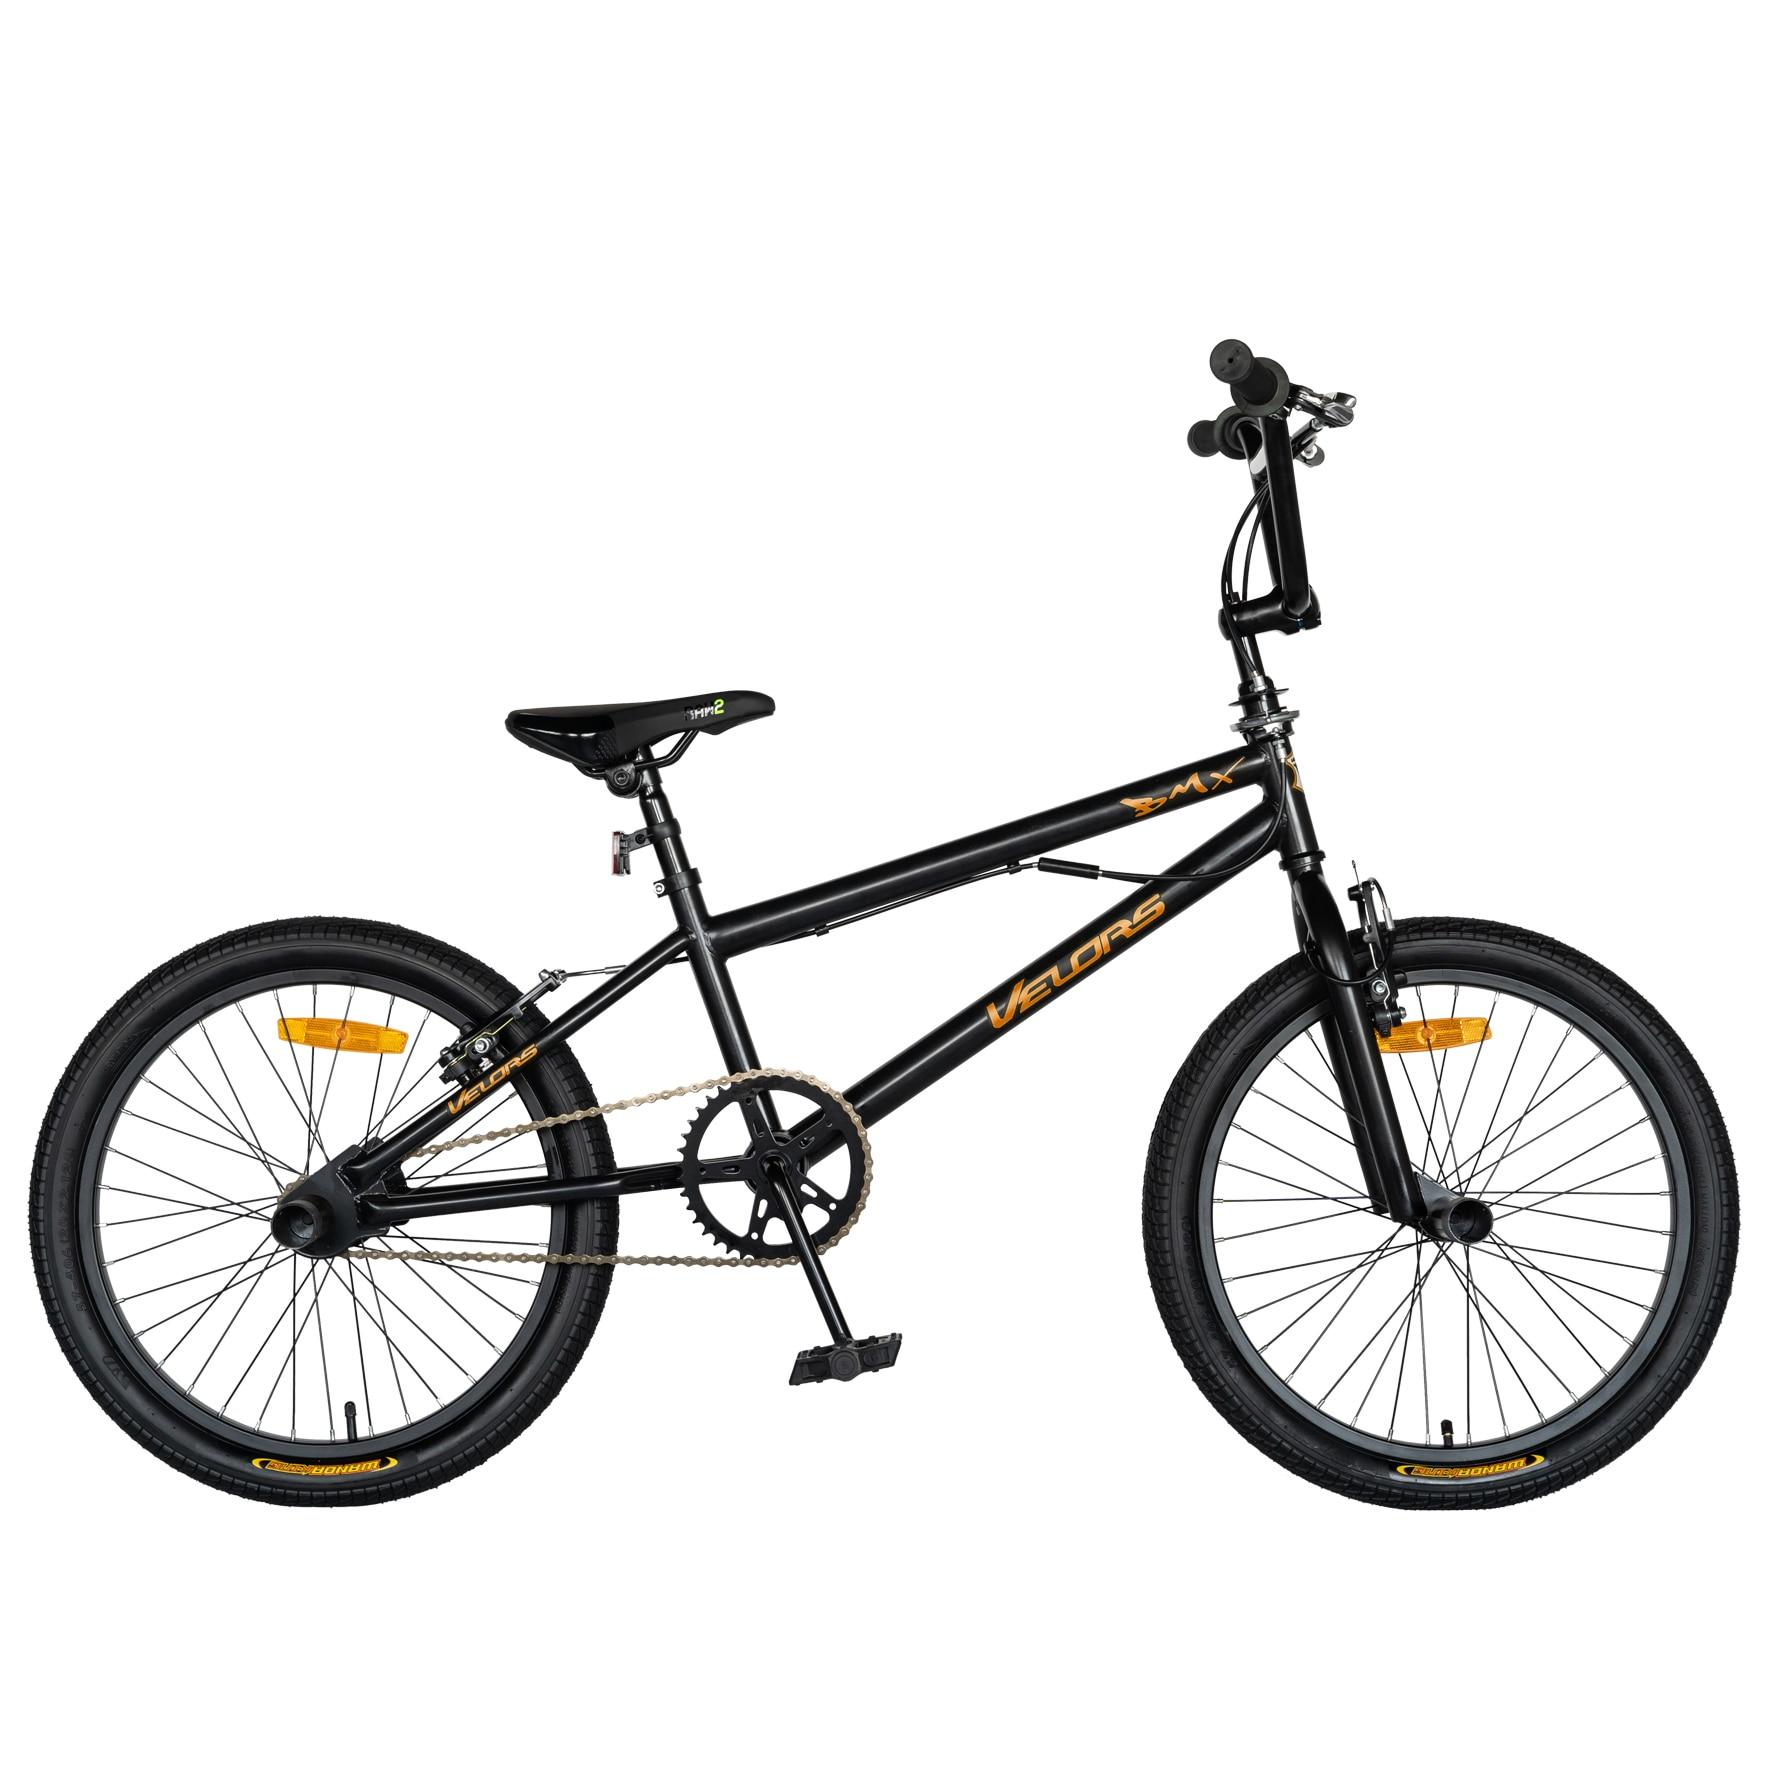 Fotografie Bicicleta BMX Carpat V2016A Peg-uri incluse, Negru/Portocaliu